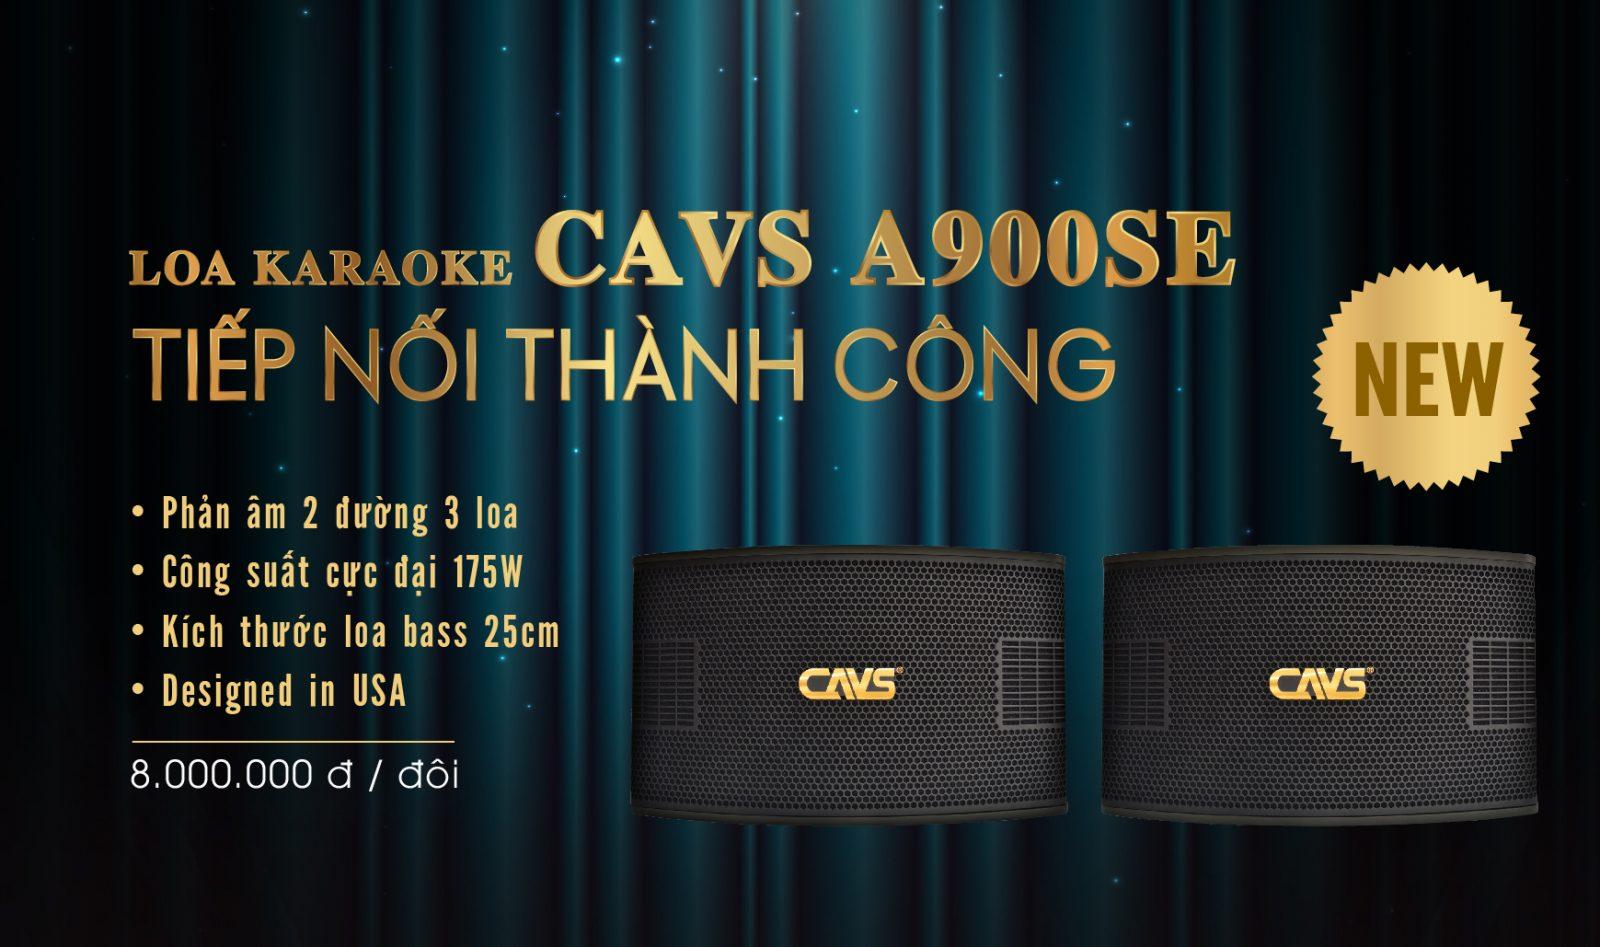 Loa Karaoke kết nối thành công